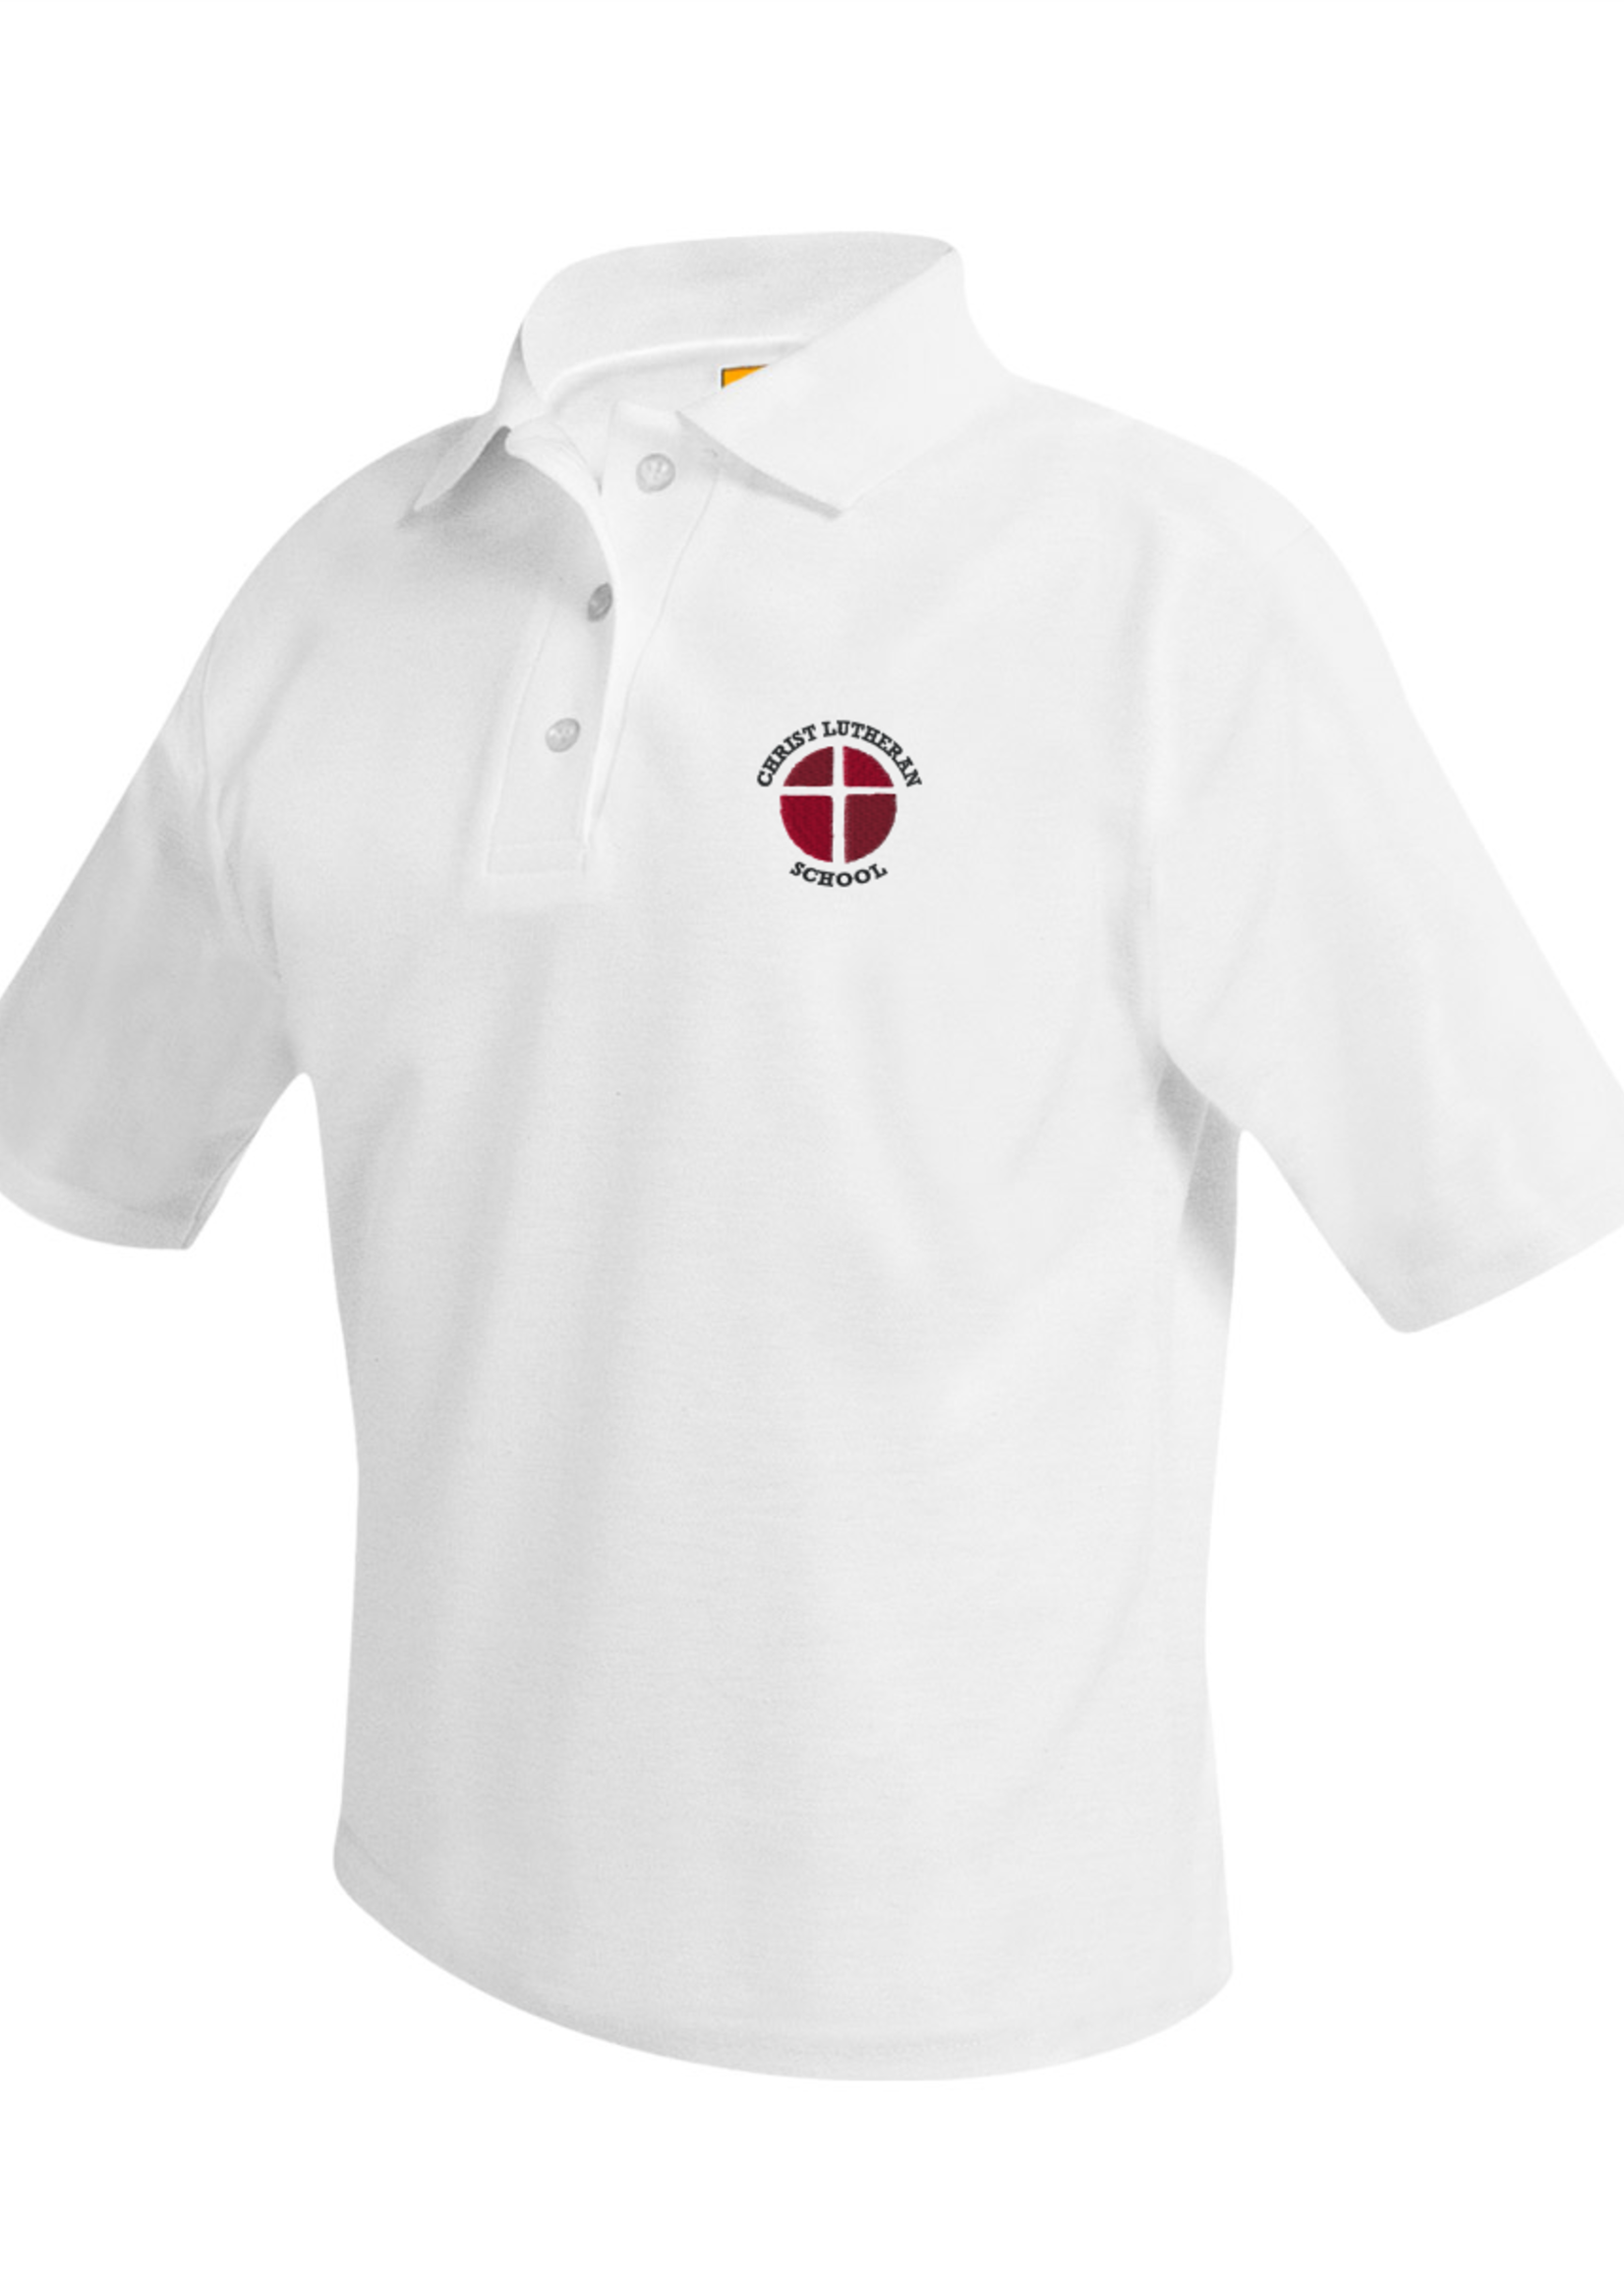 CLS Short Sleeve Pique Polo